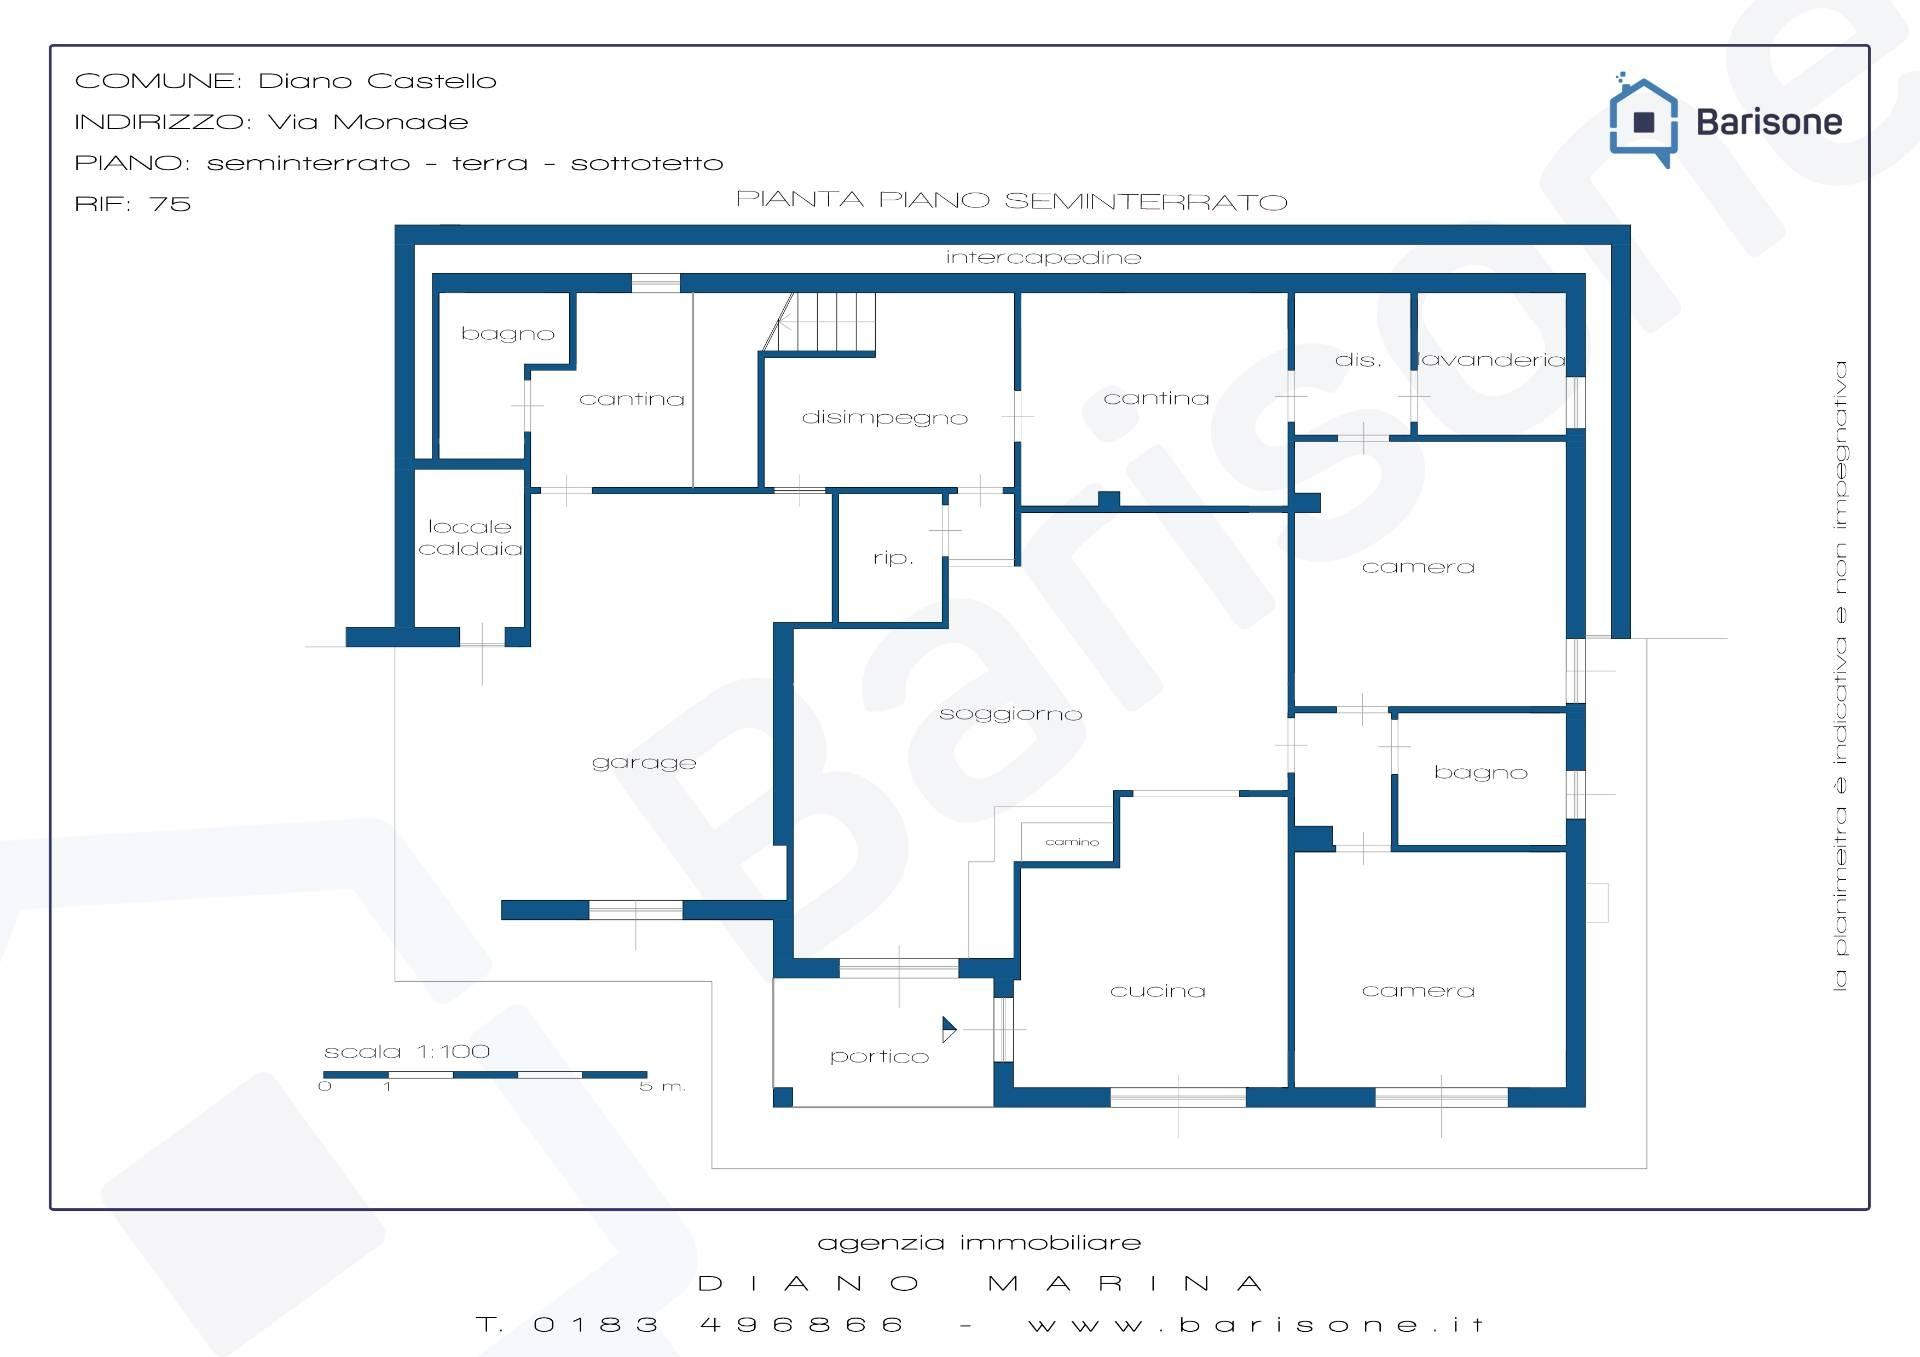 Villa in vendita a diano marina cod 75 for Planimetrie in vendita